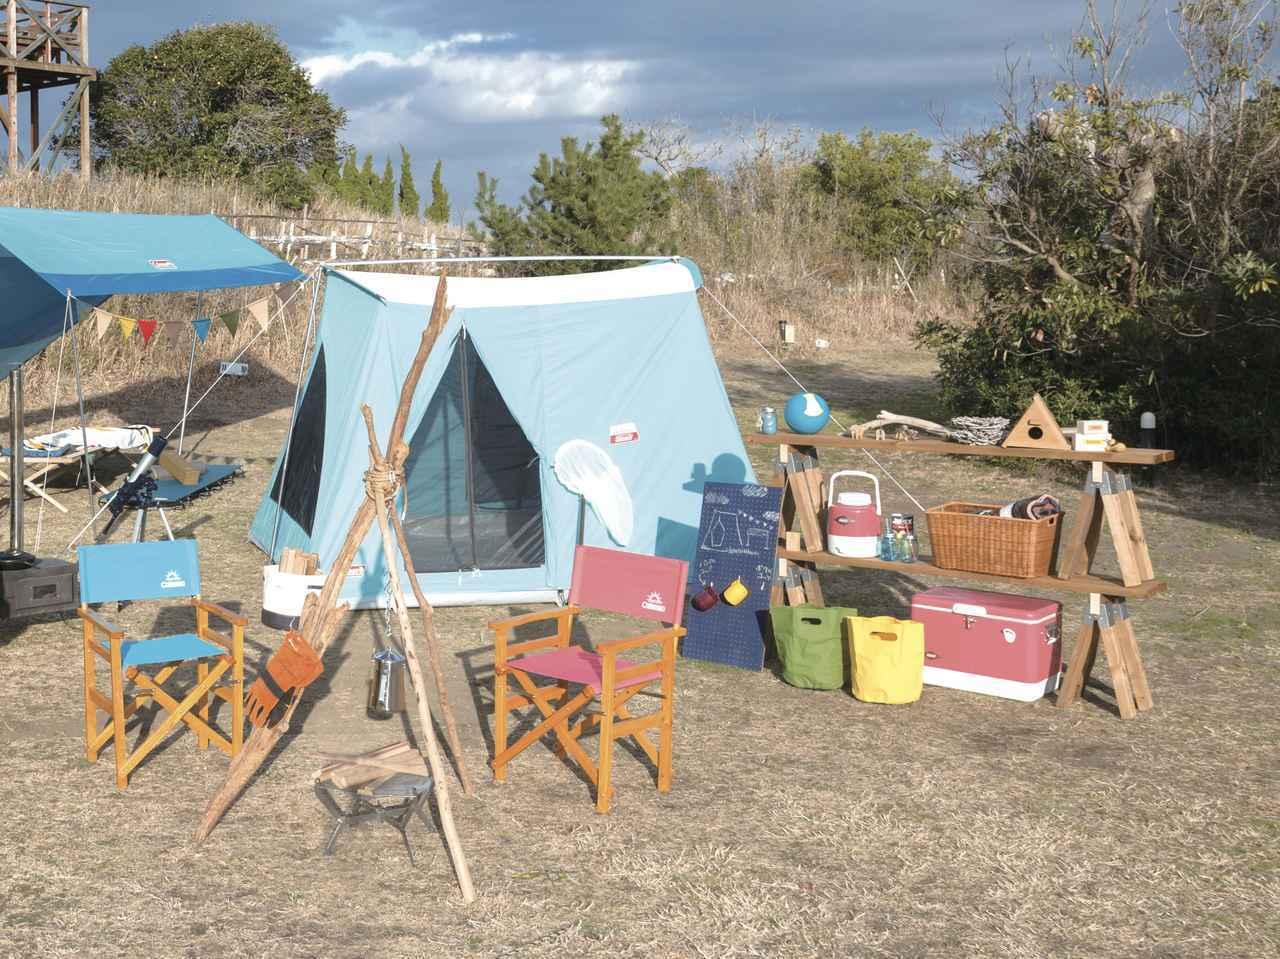 画像: 【キャンプ誌fam_mag リビングまとめ】キャンプをより楽しむための野外リビング記事6選 - ハピキャン|キャンプ・アウトドア情報メディア